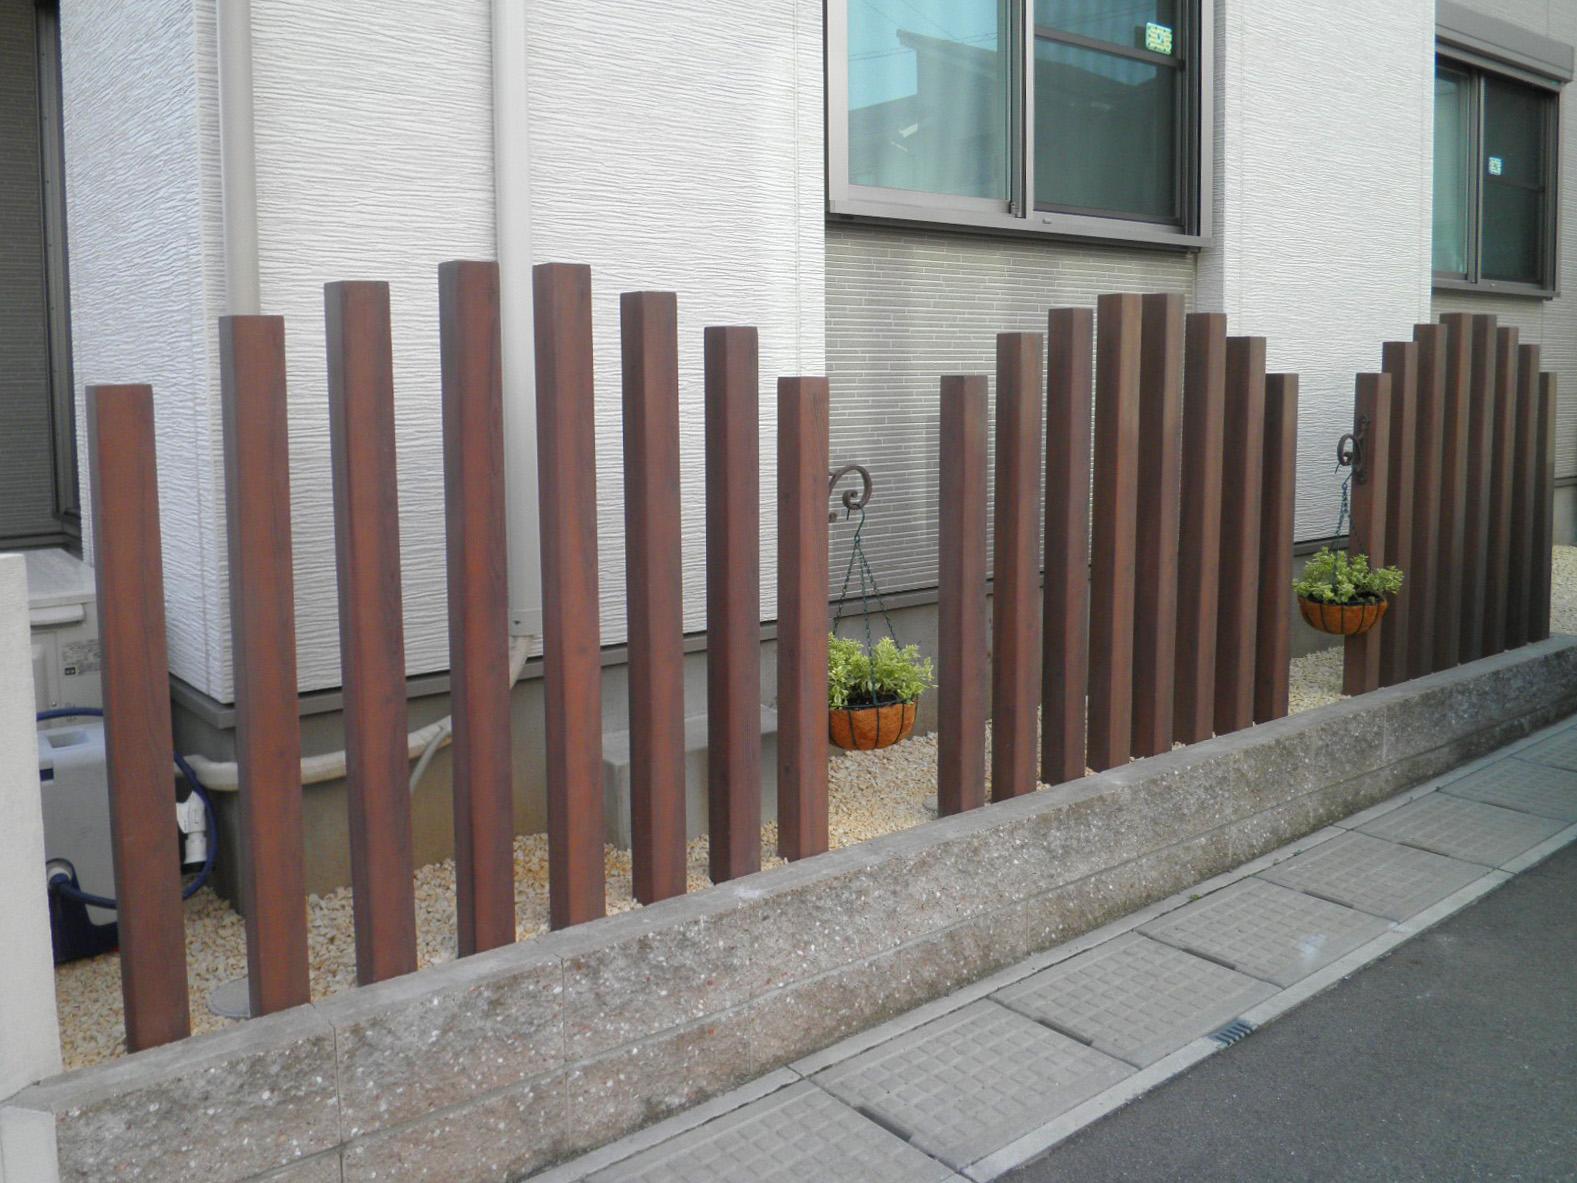 ディーズガーデン「ディーズデコティンバー」。公道と自宅敷地の境界線に設置。敷地に合わせて設計します。